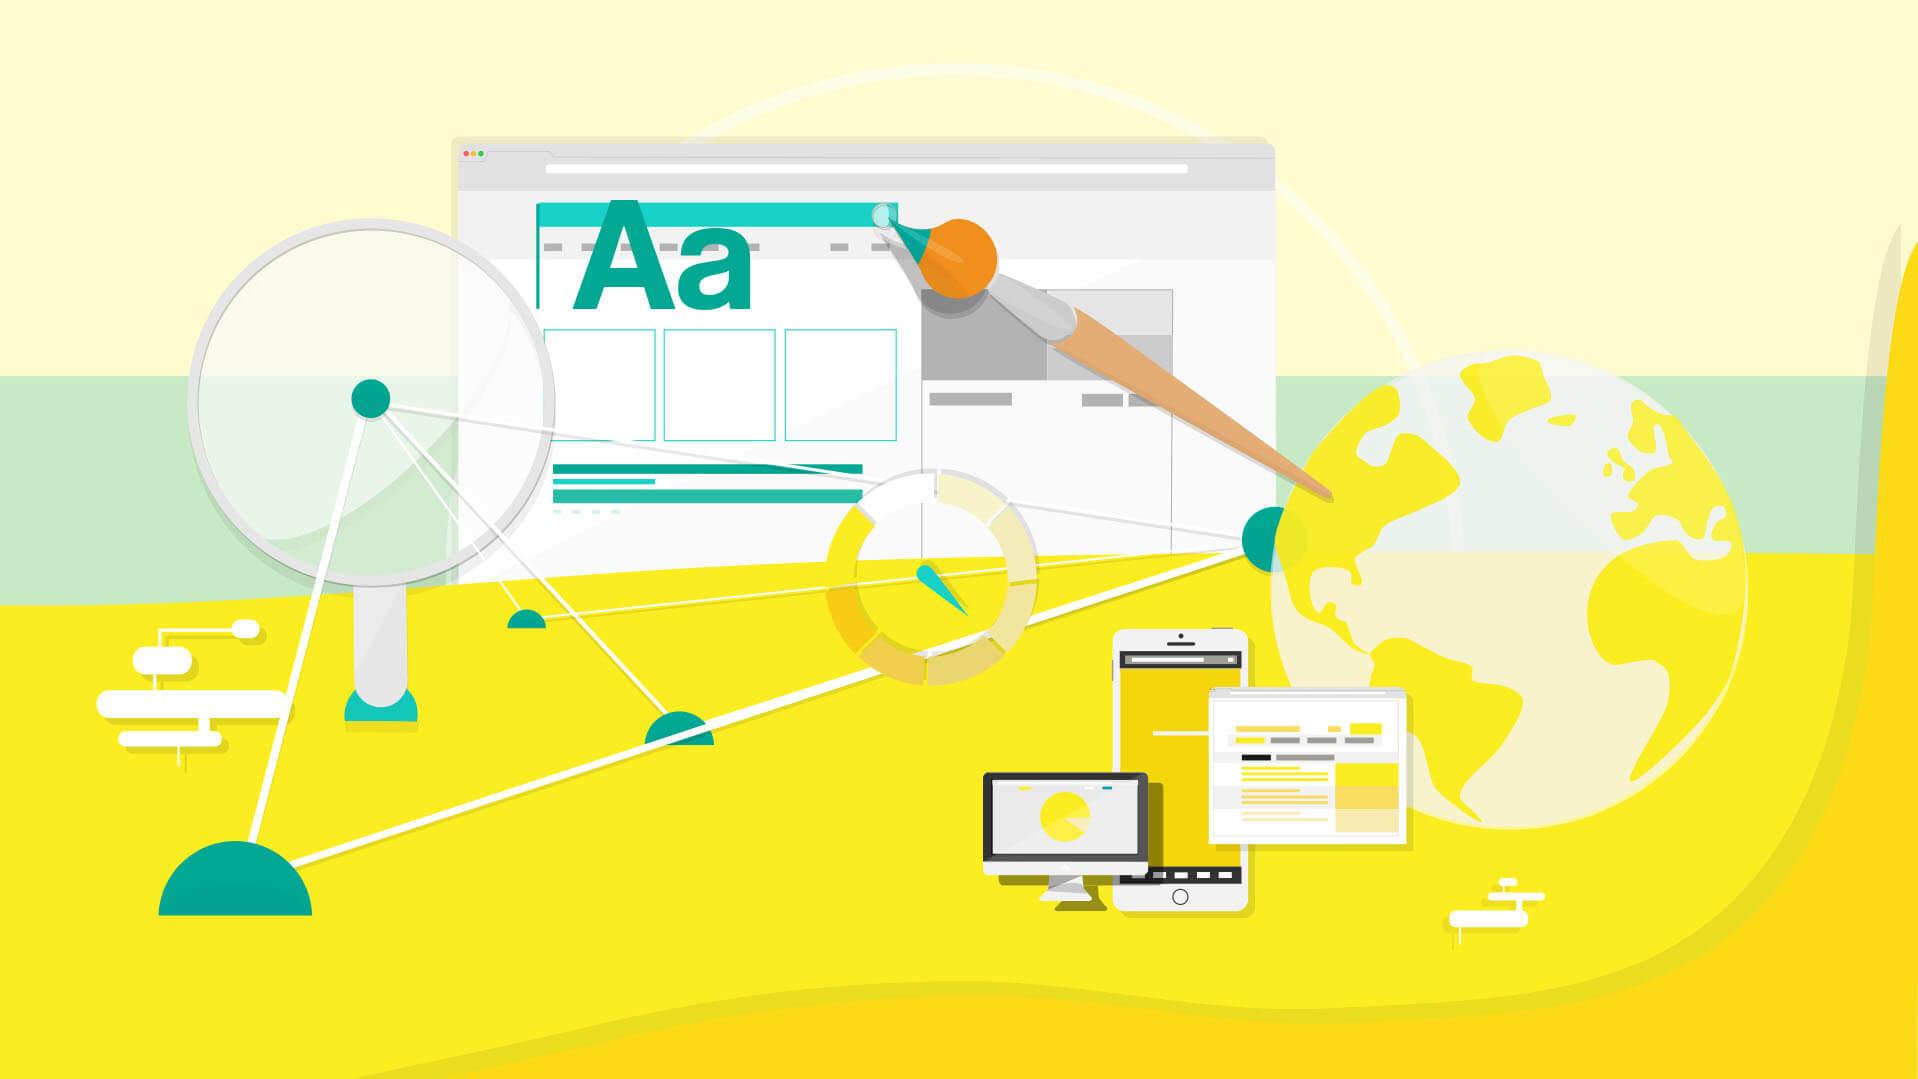 Thiết kế nội dung web chuẩn SEO